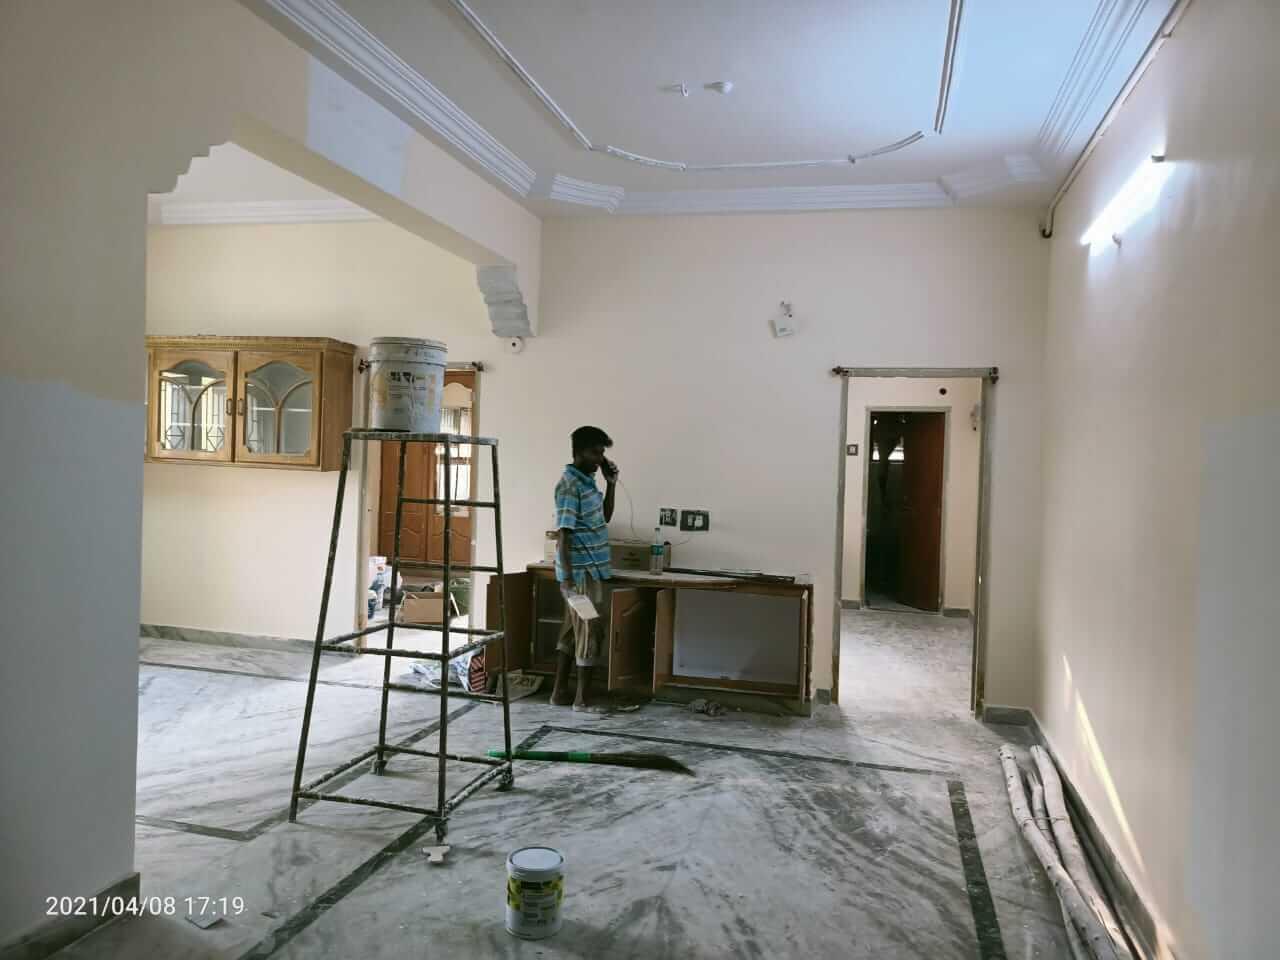 2 BHK Apartment / Flat for Rent 1100 Sq. Feet at Vijayawada, Benz Circle